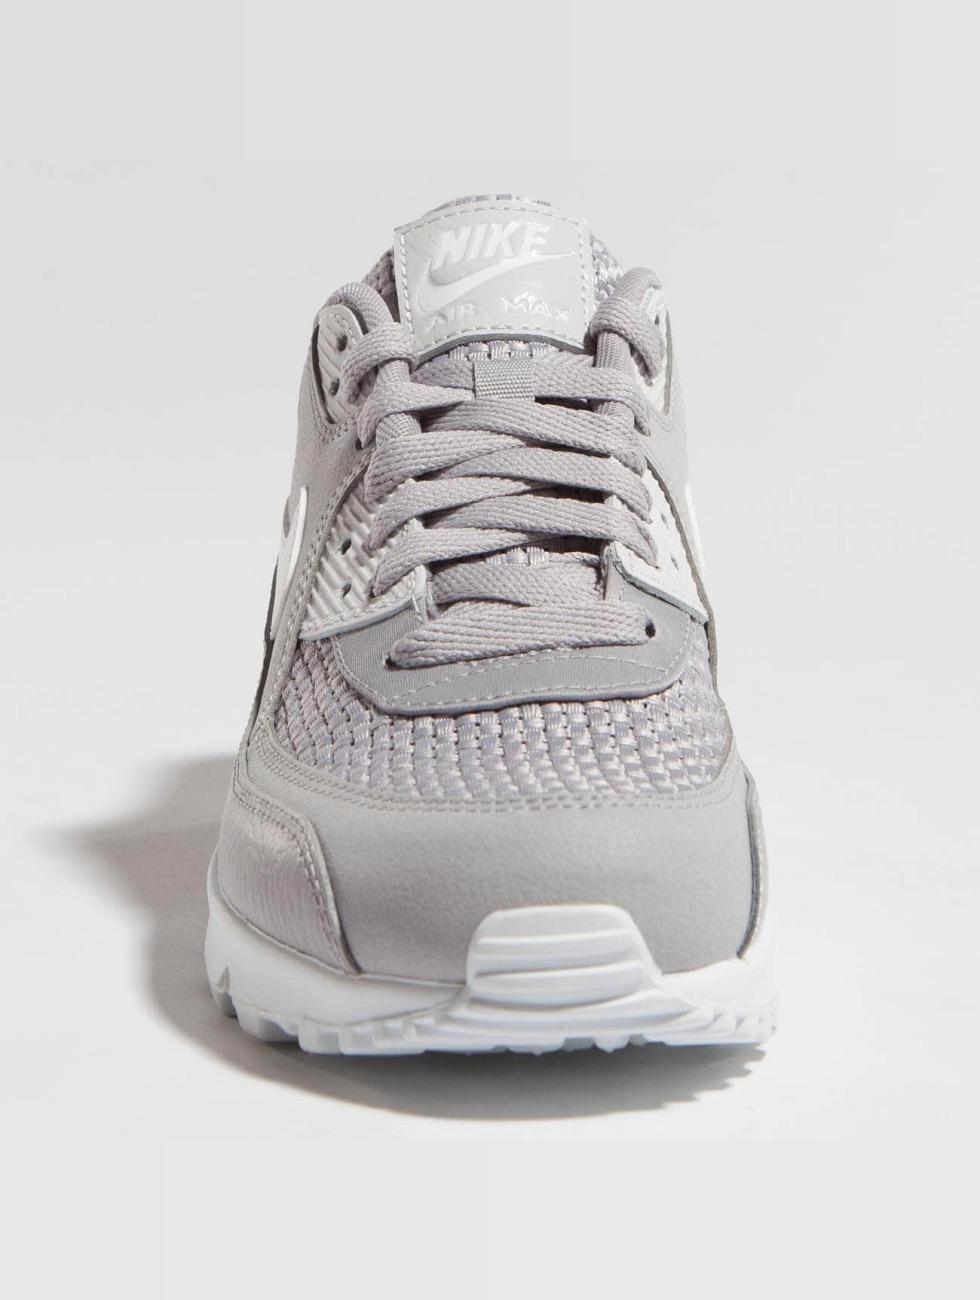 Chaussure Nike / Air Chaussure Max 90 S'en Gris 443334 Réel Frais De Port Offerts Pas Cher Point De Vente Où Vous Pouvez Trouver Ordre D'achat Pas Cher Avant vmYQ2Kgs